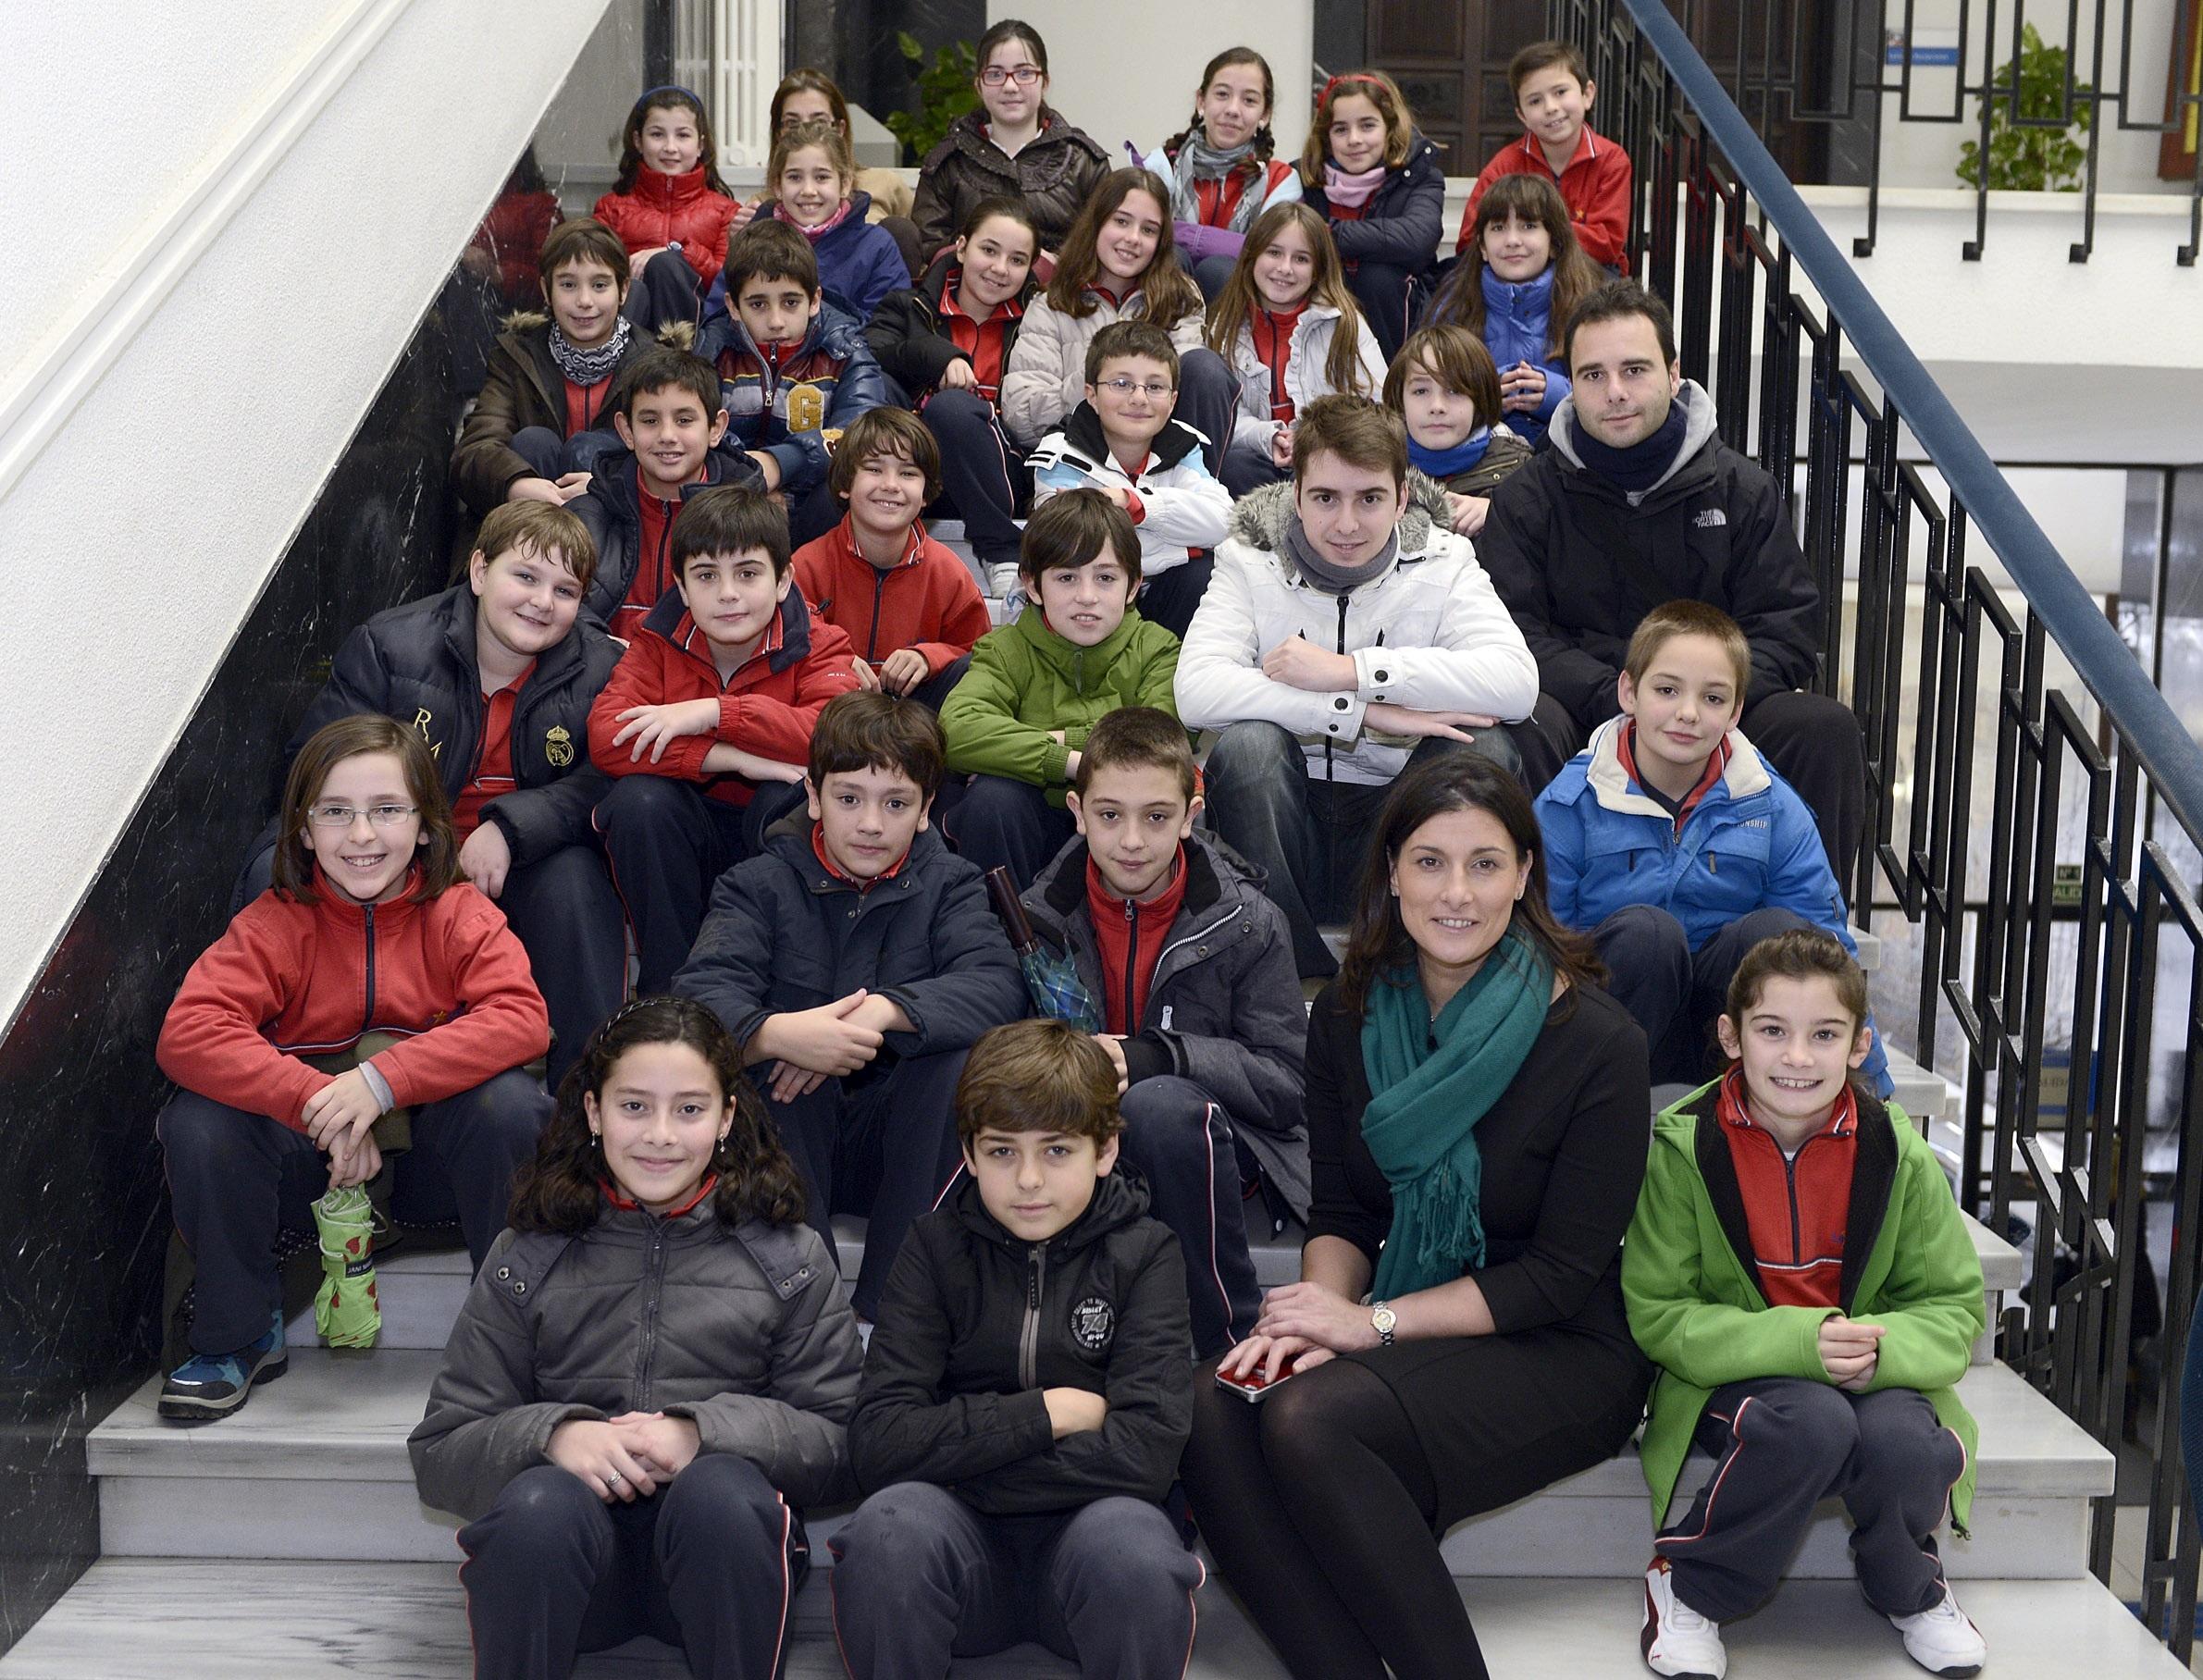 Ciudad Inteligente y Mundial de Vela, novedades de los nuevos itinerarios didácticos escolares